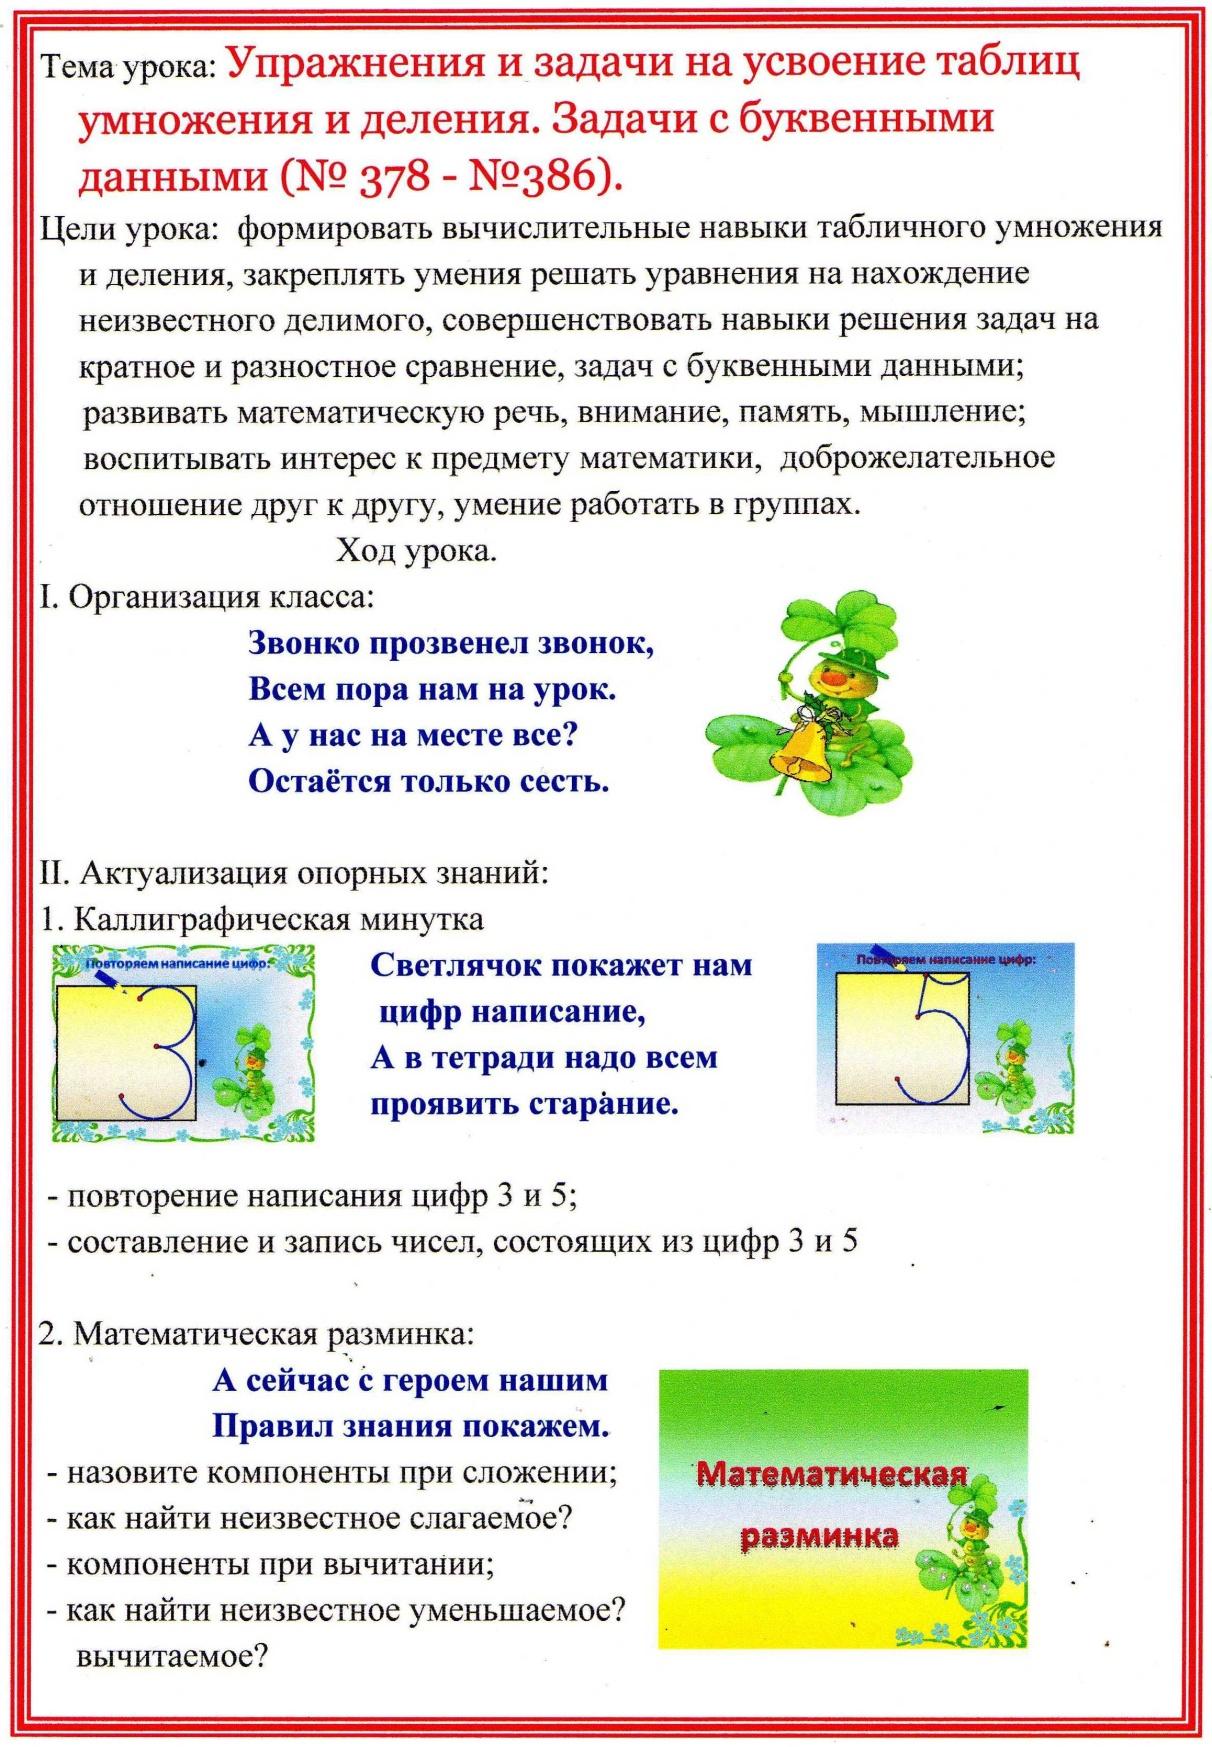 D:\Документы\Пользователь\Мои документы\img004.jpg